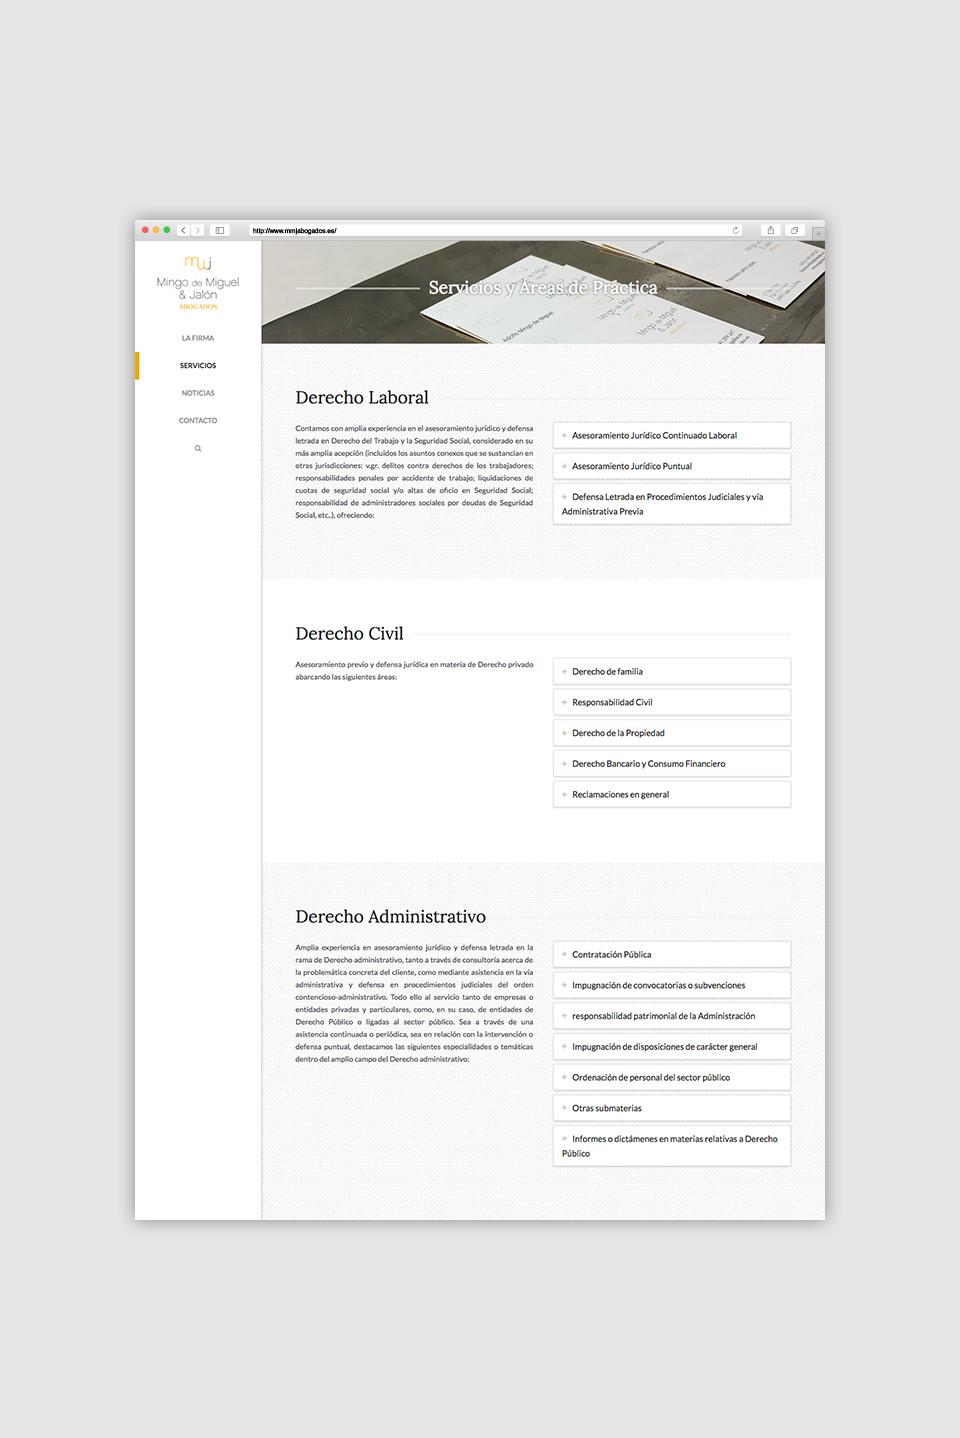 diseño web abogados mingo de miguel jalón logroño